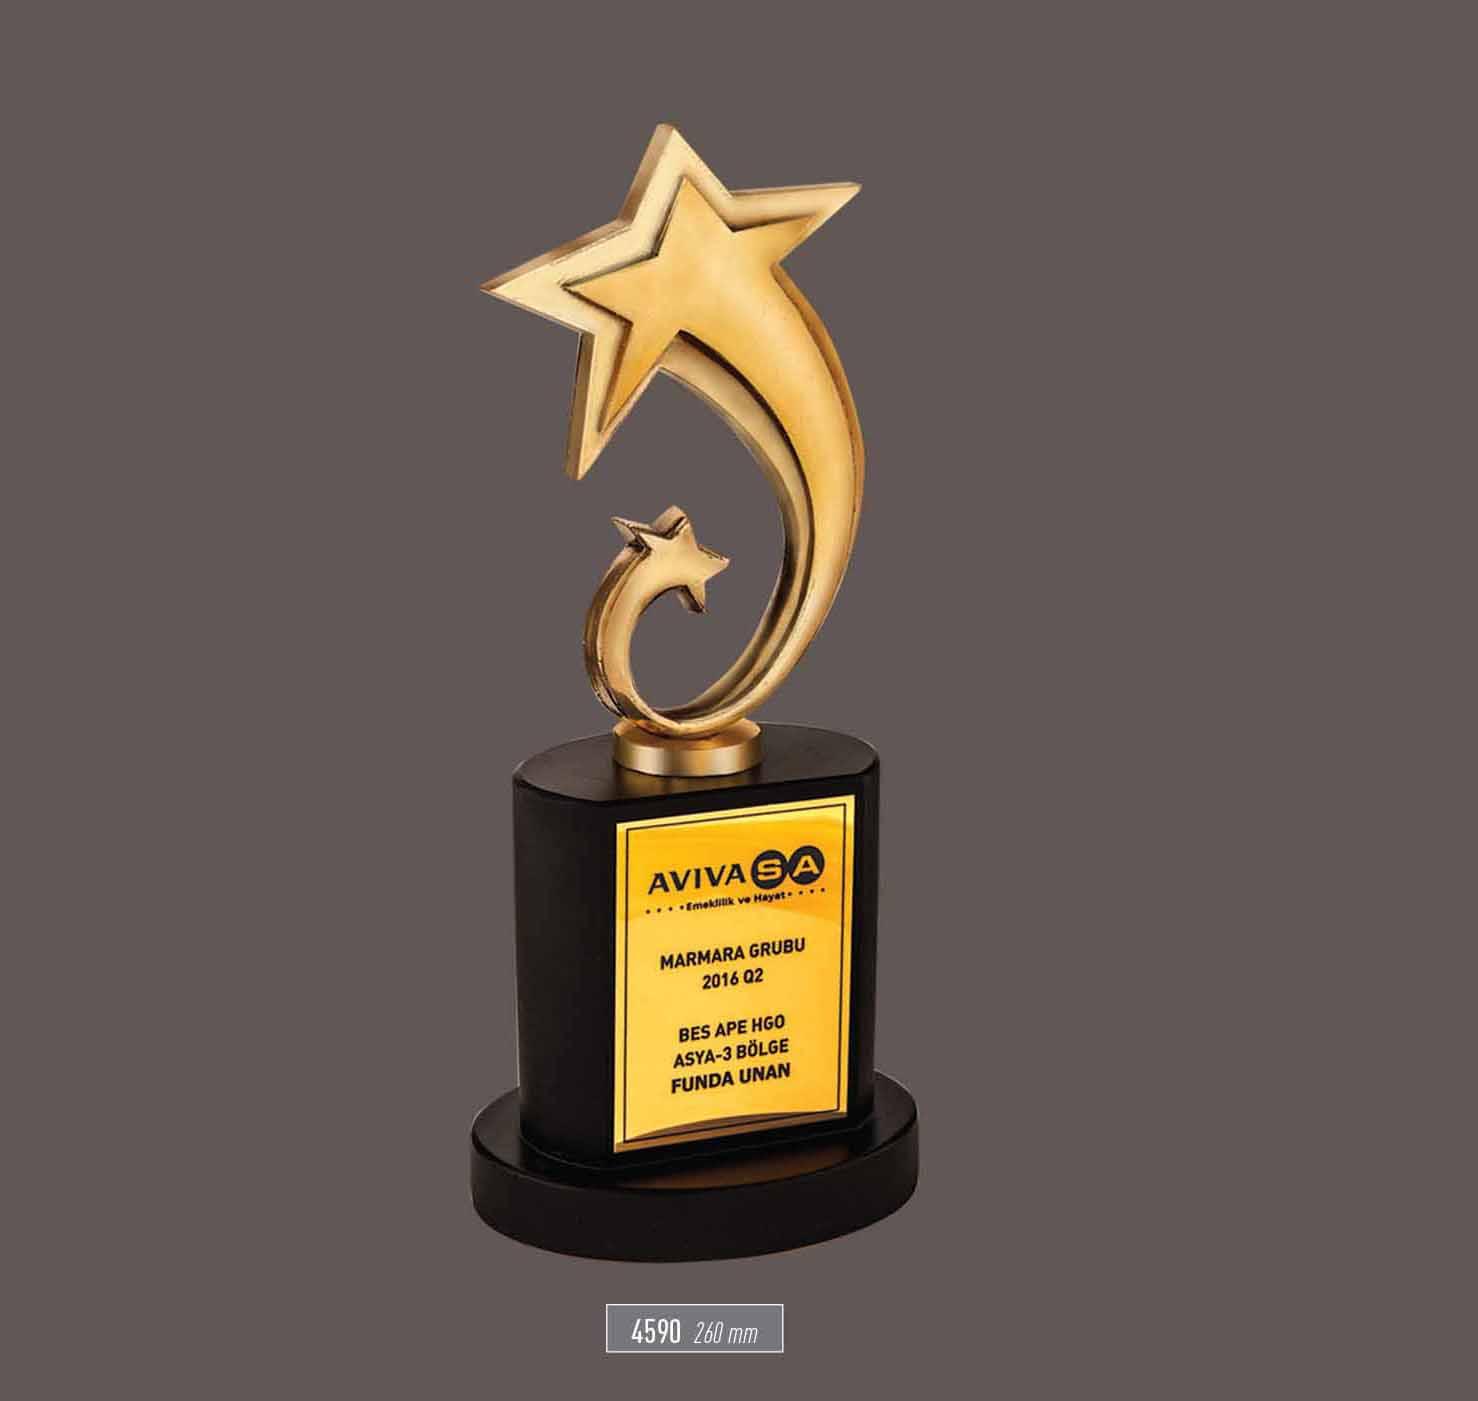 4590 - Award